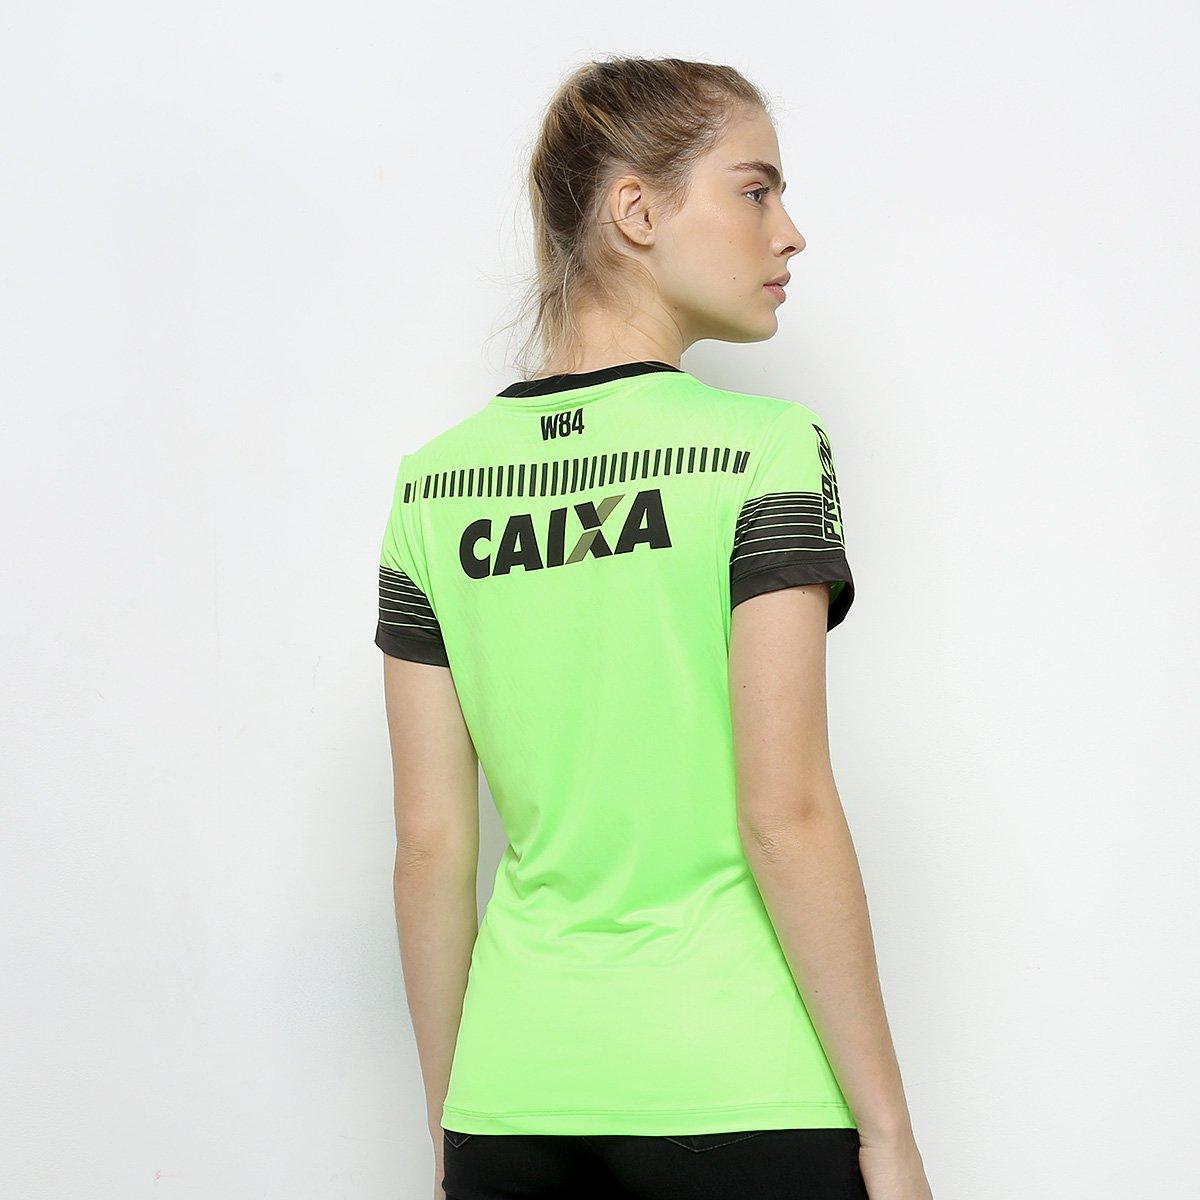 deabe2e319 ... Camisa Goleiro Coritiba 2018 s n° C Patrocínio - Jogador 1909 Feminina  -. GANHE MAIS